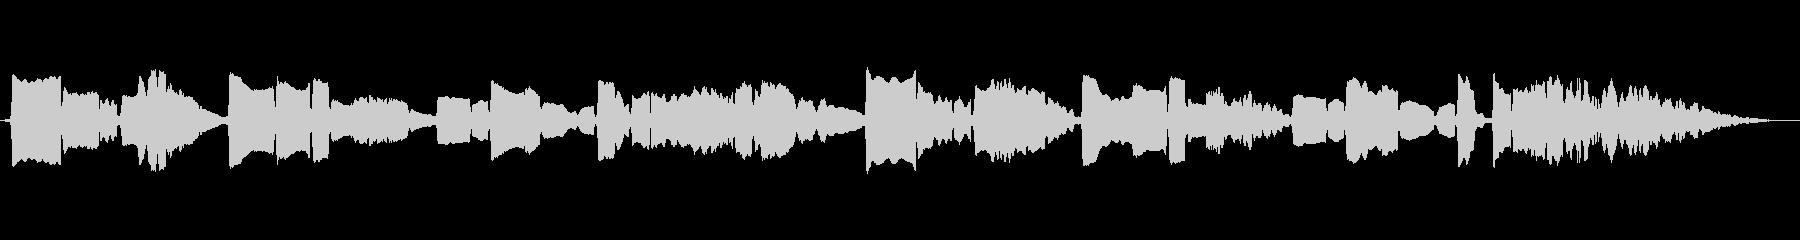 サックスの重奏で 澄んだ音が印象的な曲の未再生の波形